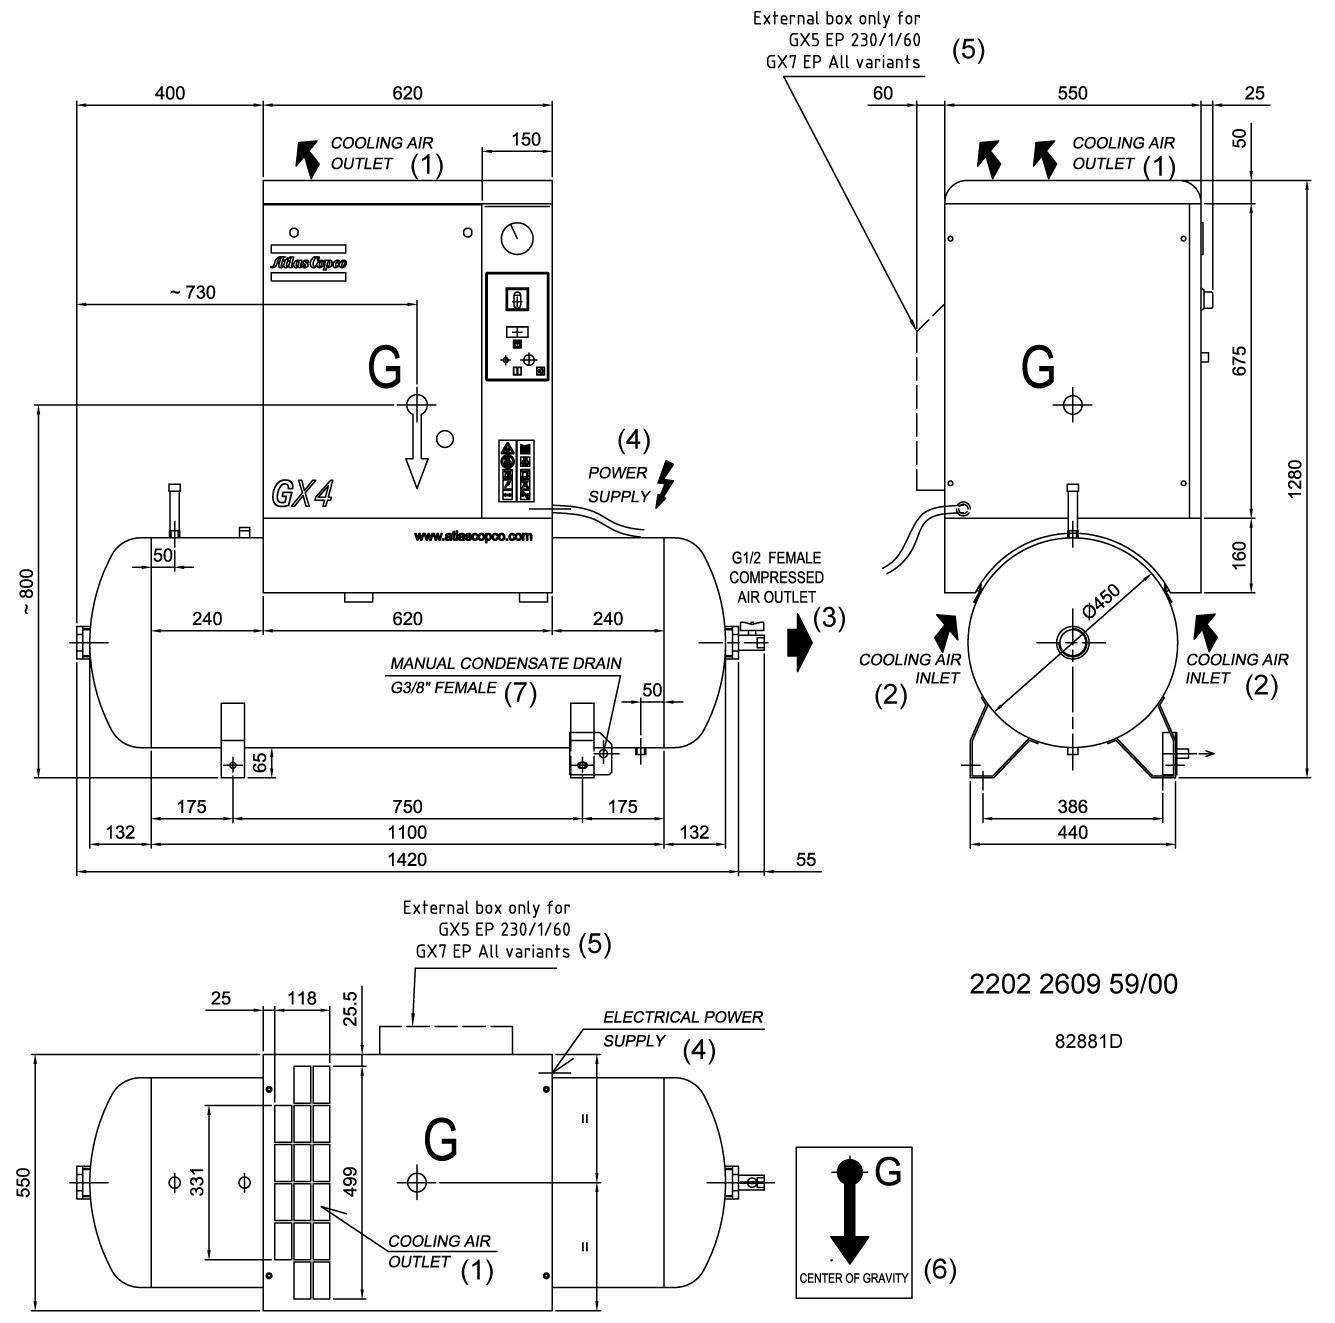 Operator Manual: Atlas Copco GX5 Air compressor